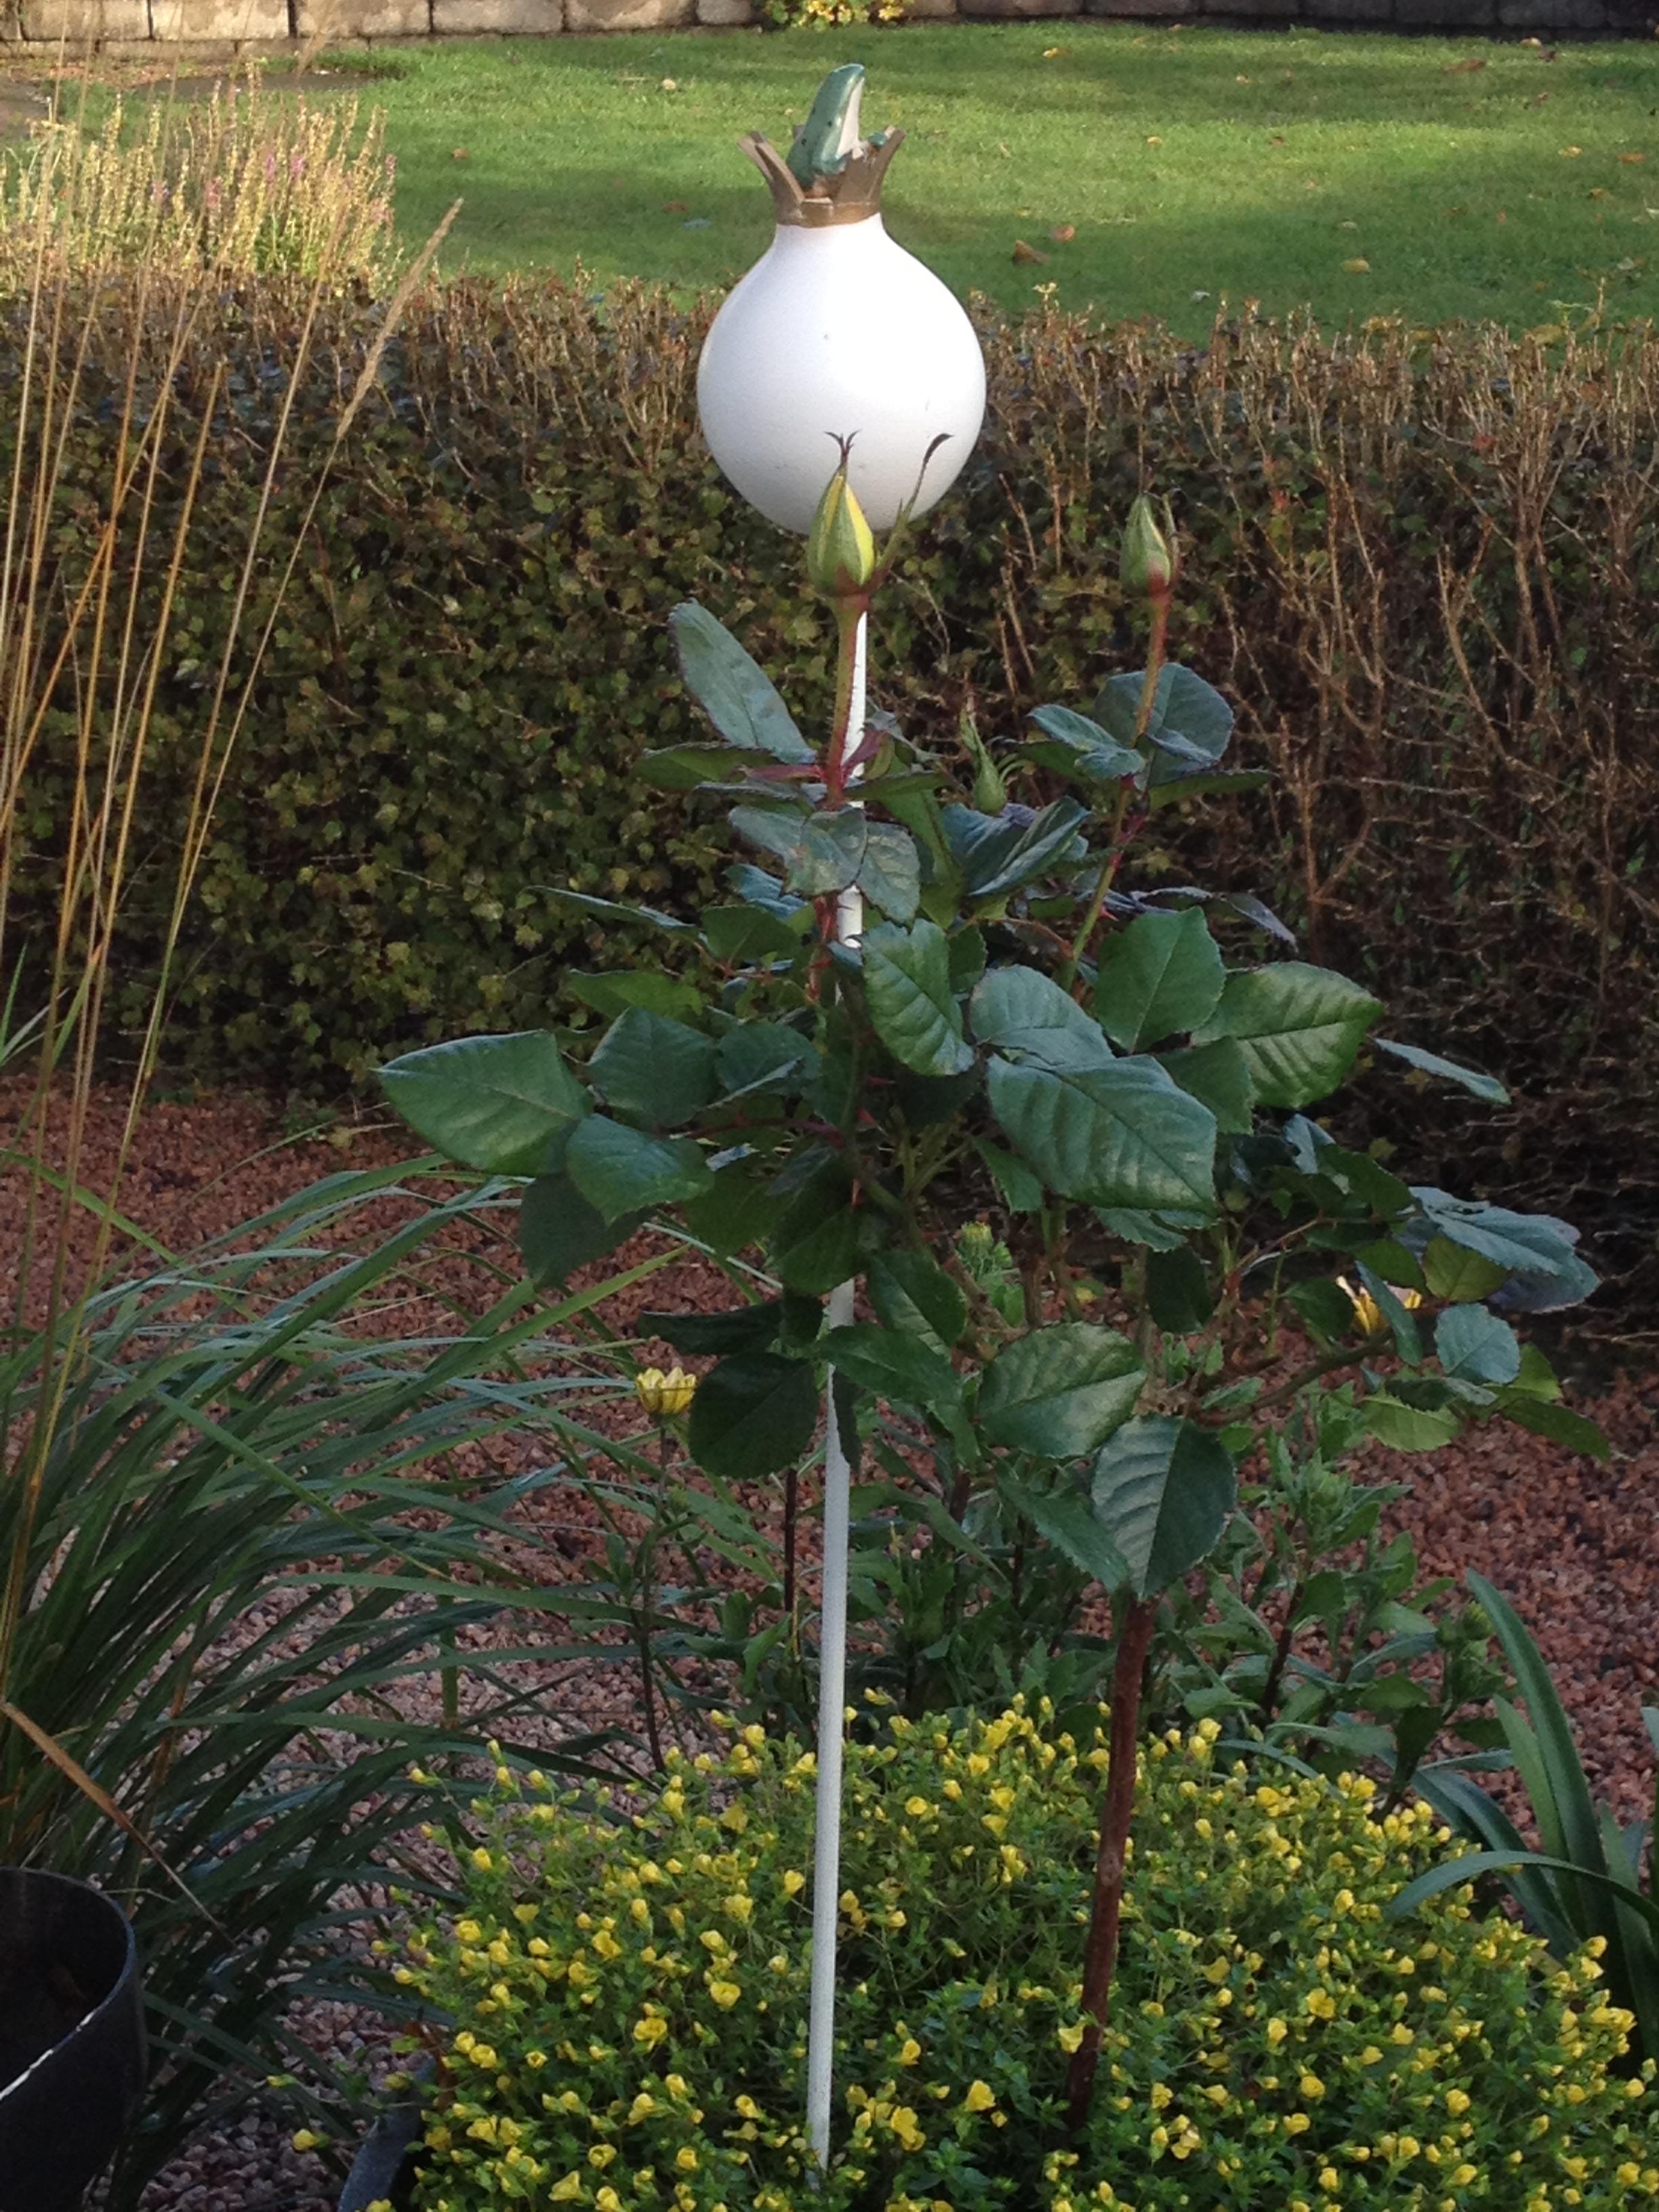 Luna Eks trädgårdsblogg - Sida 51 av 67 - trädgård ...